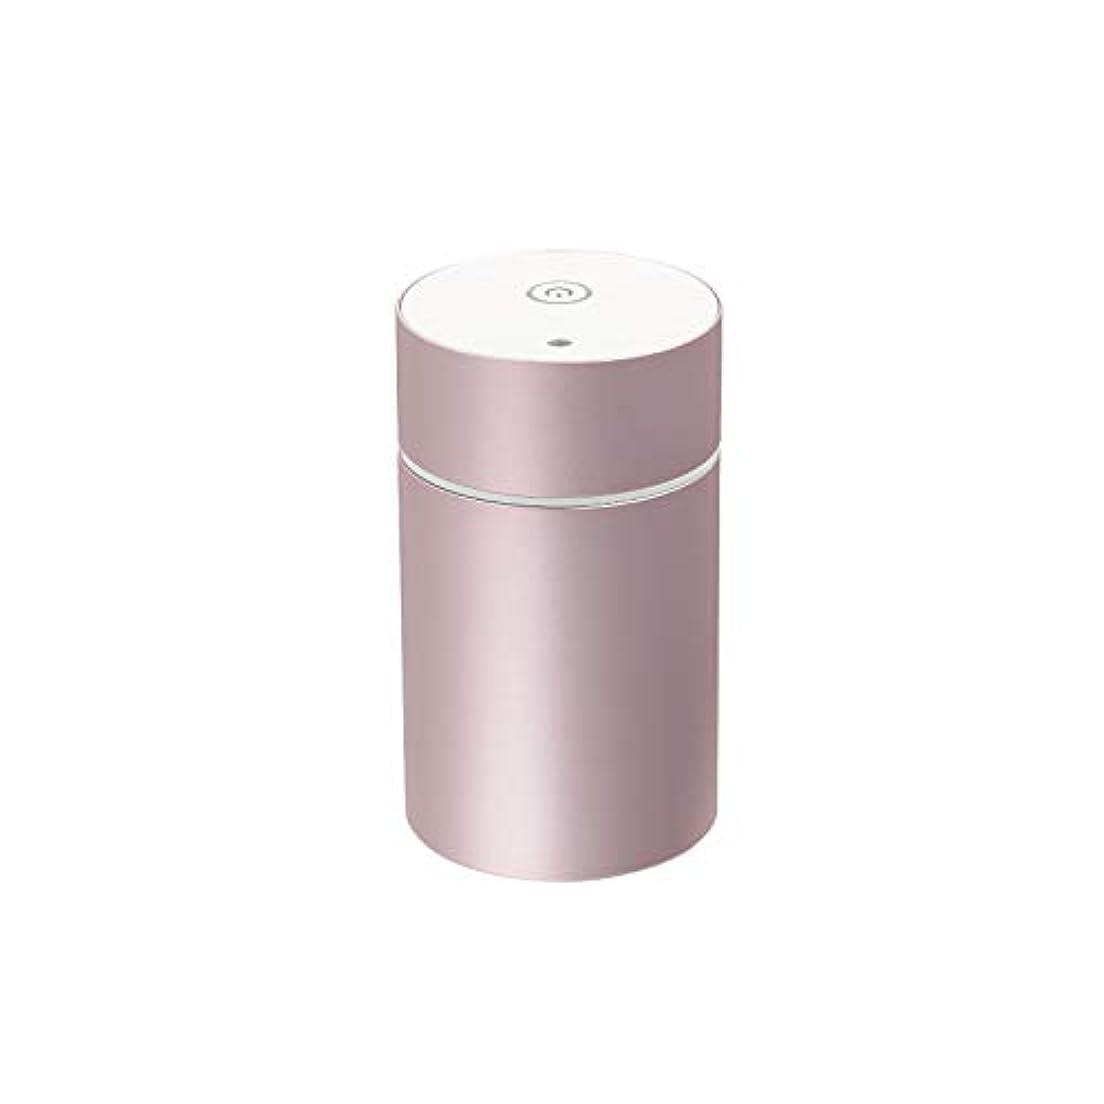 銛バタフライ講師生活の木 アロマディフューザー(ピンク)aromore mini(アロモアミニ) 08-801-7020